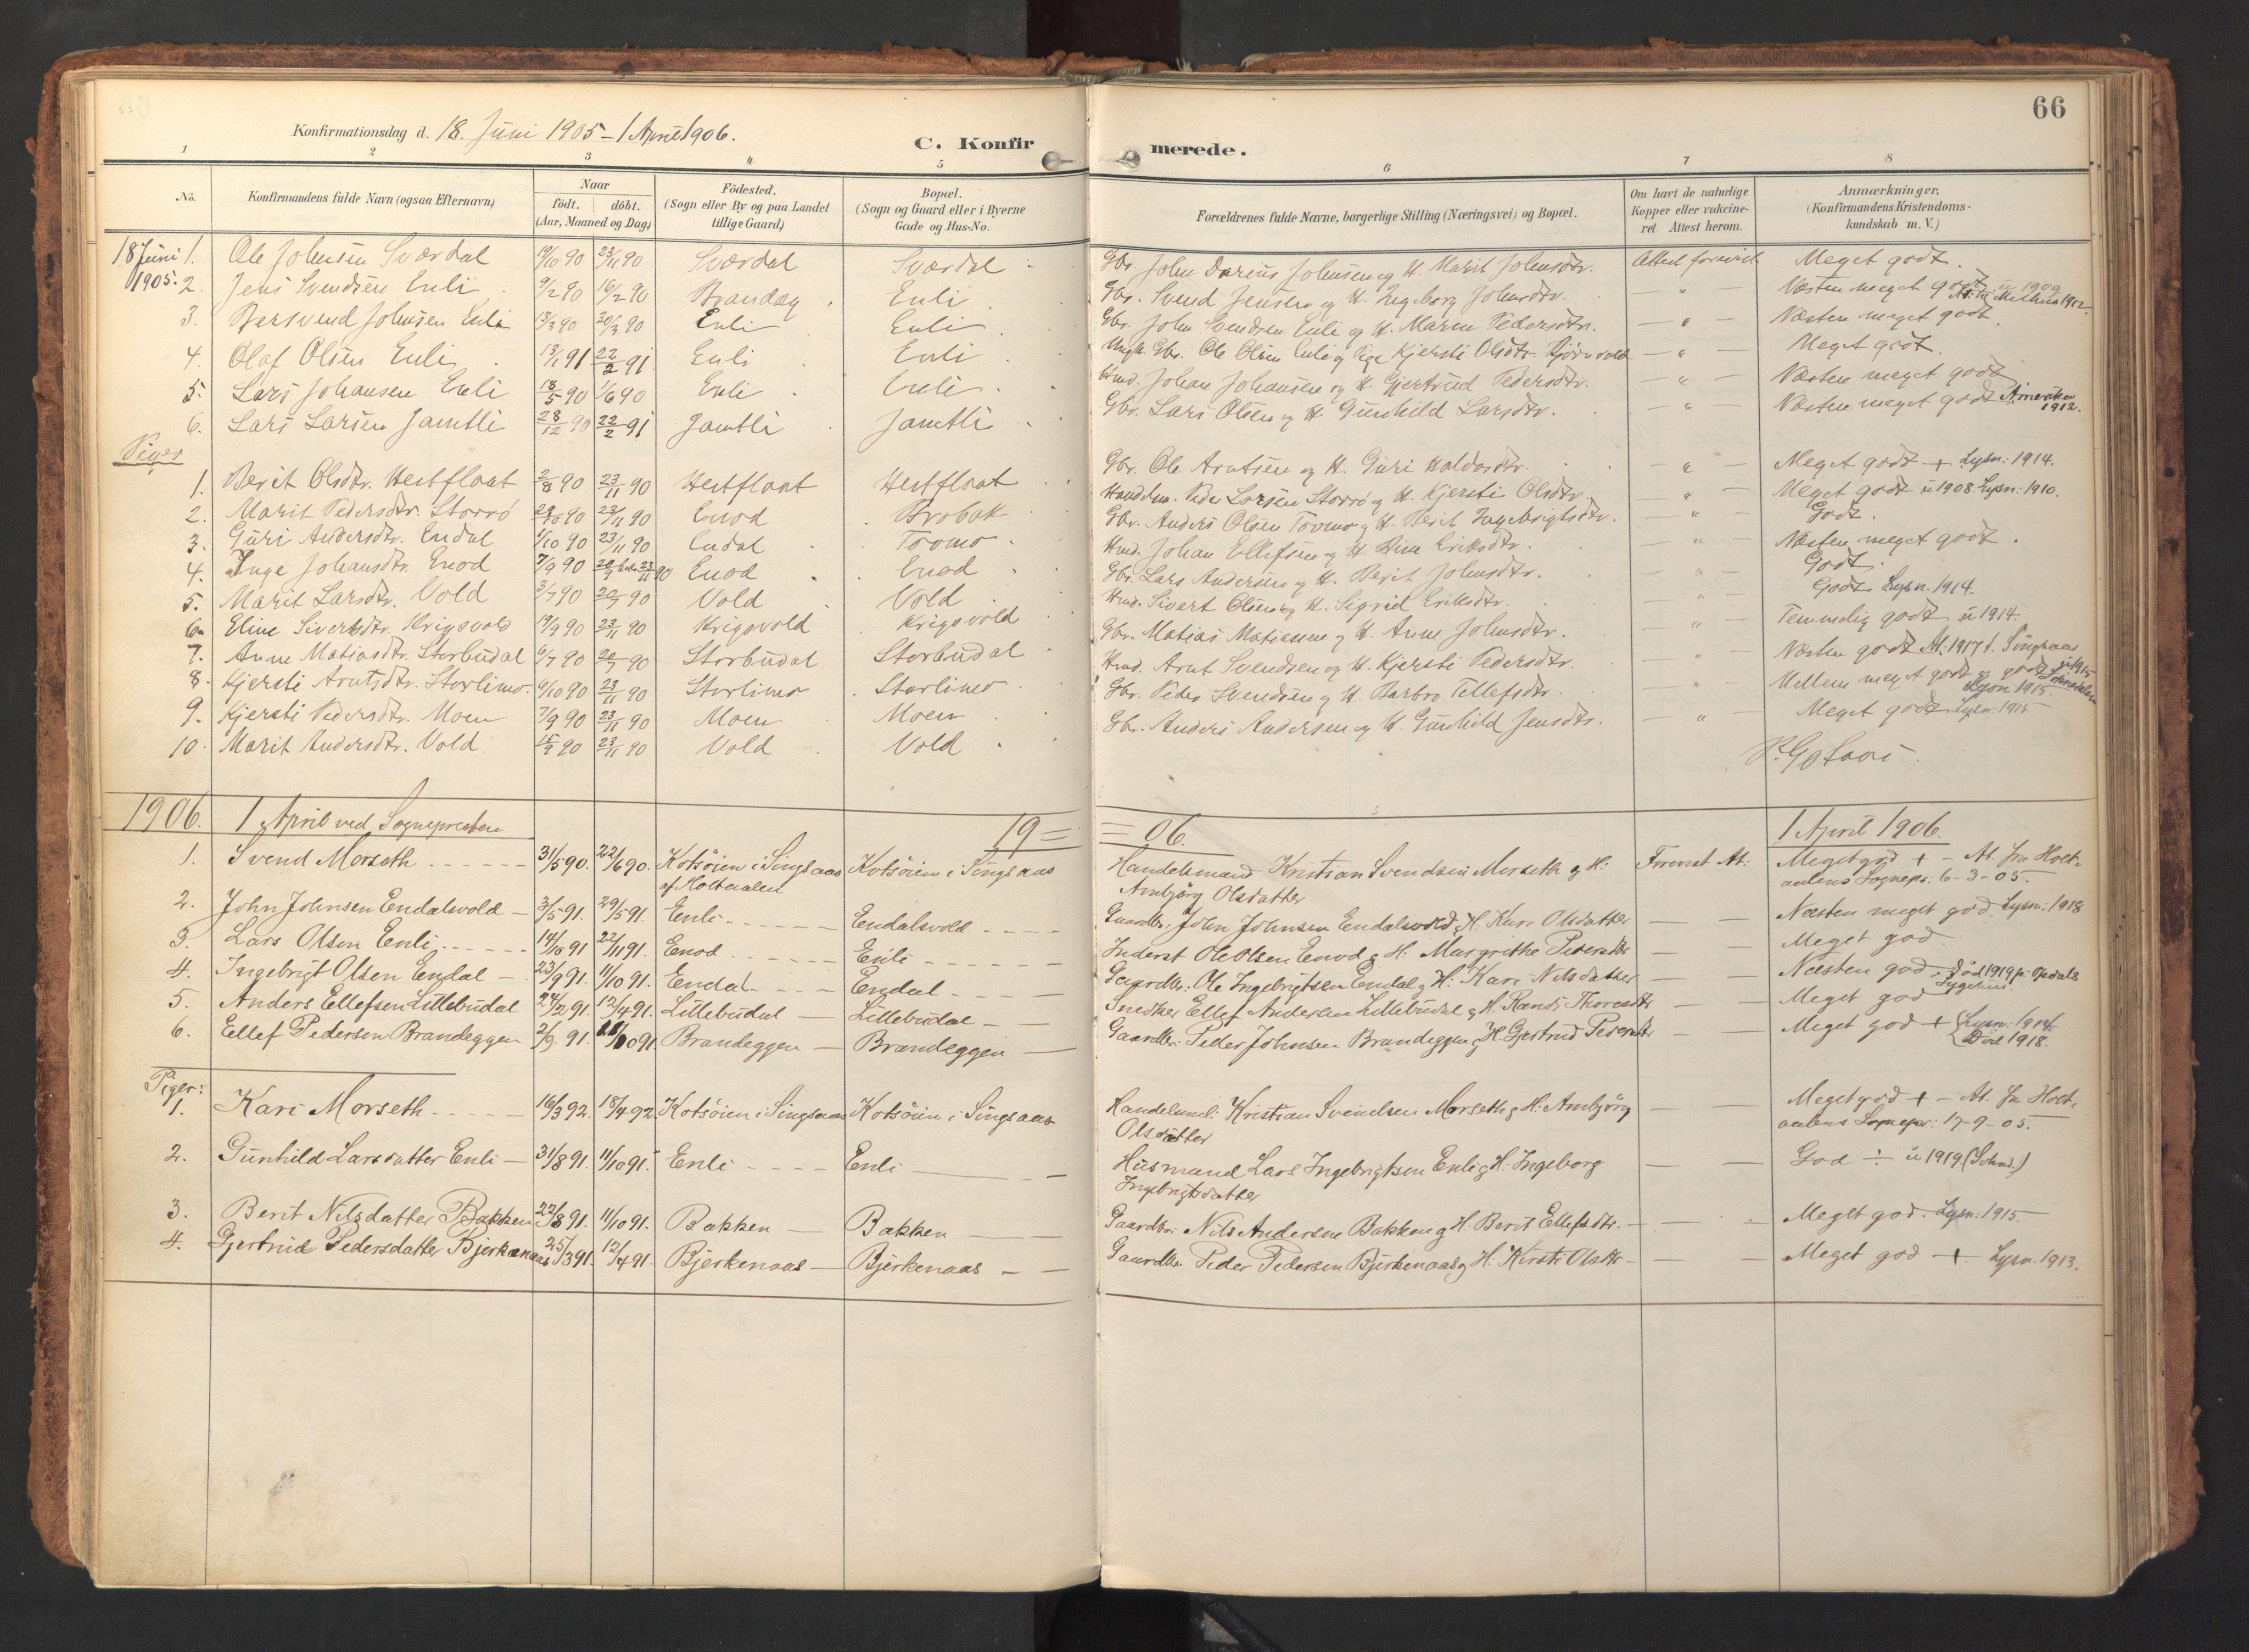 SAT, Ministerialprotokoller, klokkerbøker og fødselsregistre - Sør-Trøndelag, 690/L1050: Ministerialbok nr. 690A01, 1889-1929, s. 66